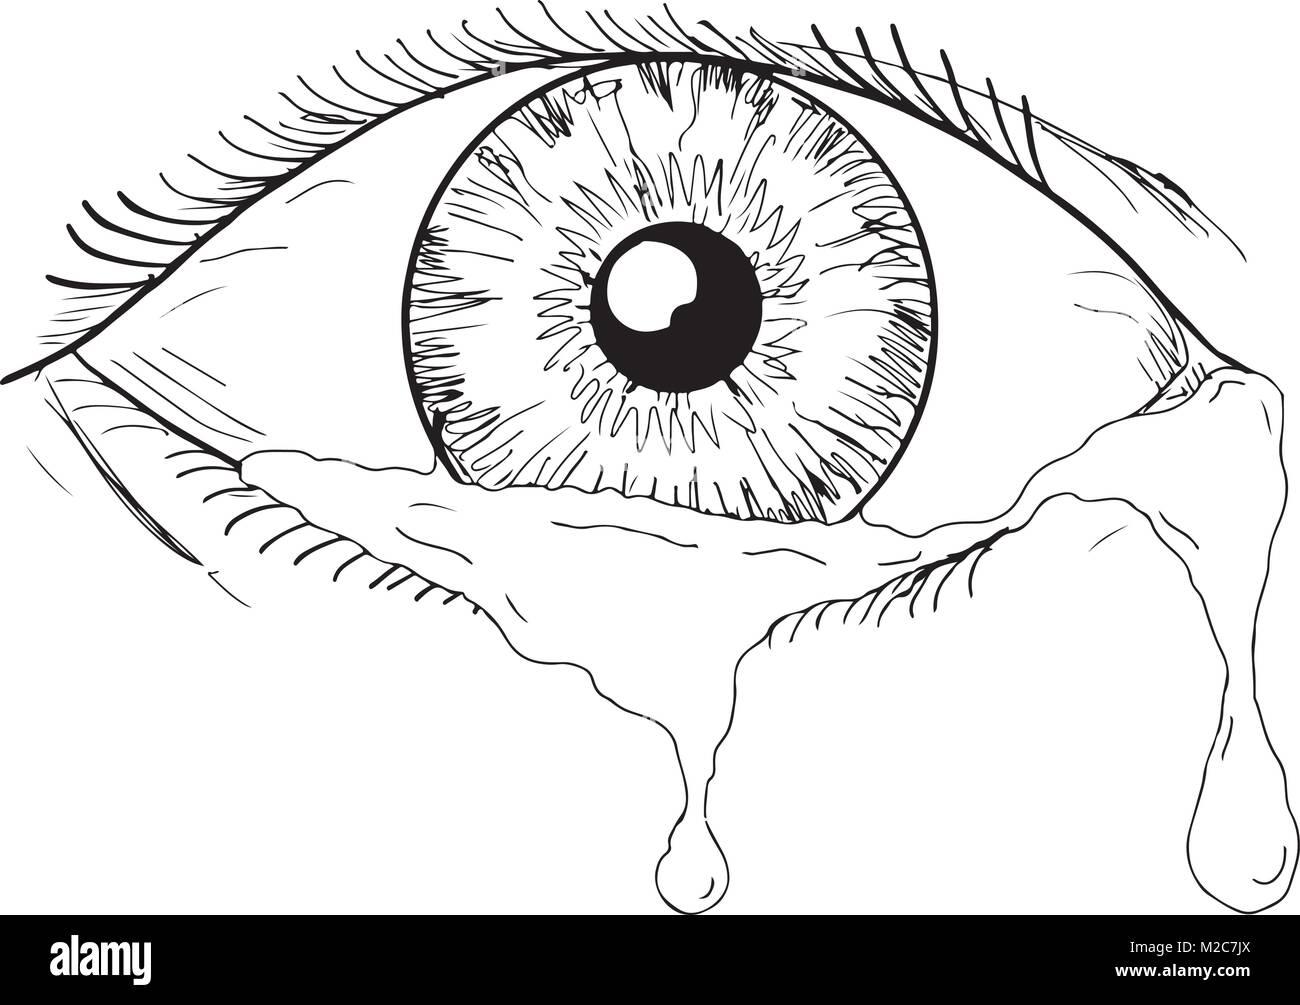 Croquis Dessin Illustration De Style D Un œil Humain De